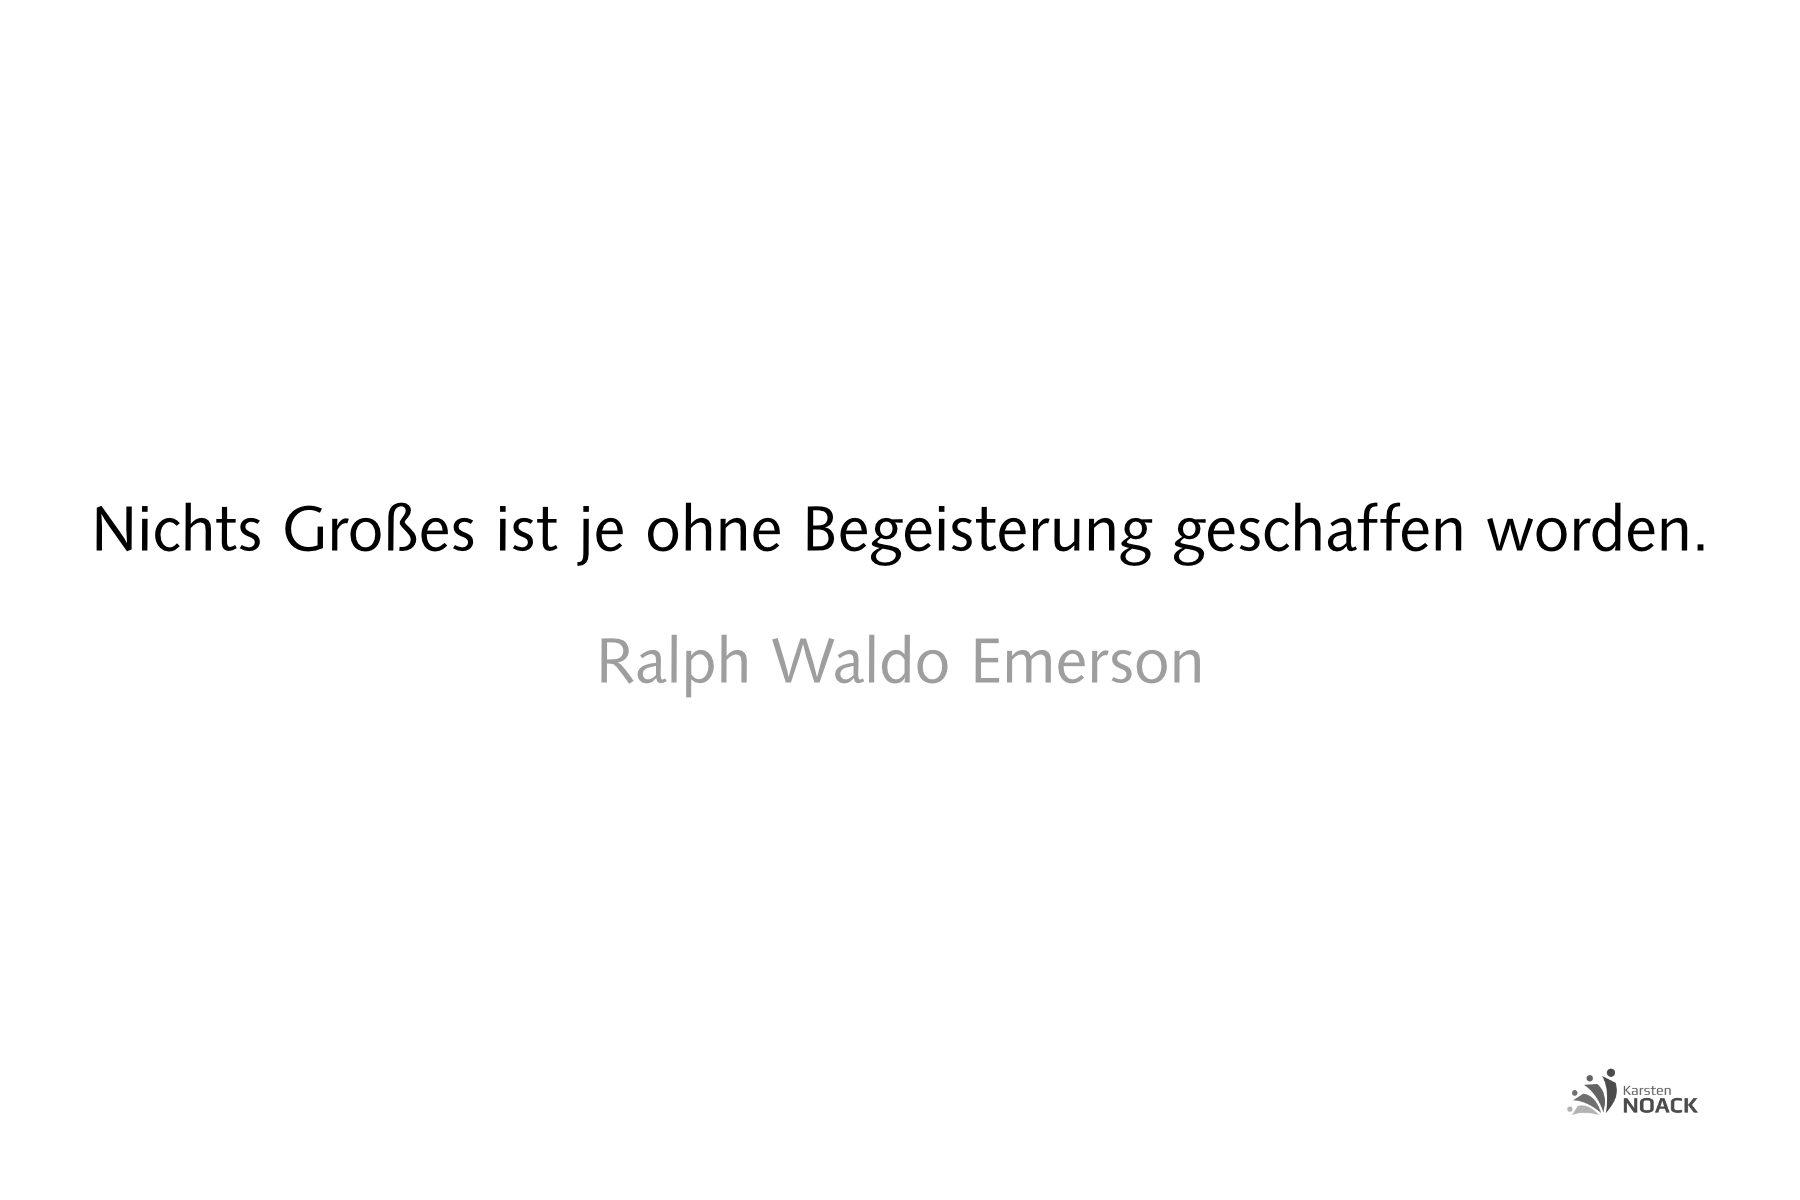 Nichts Großes ist je ohne Begeisterung geschaffen worden. Ralph Waldo Emerson